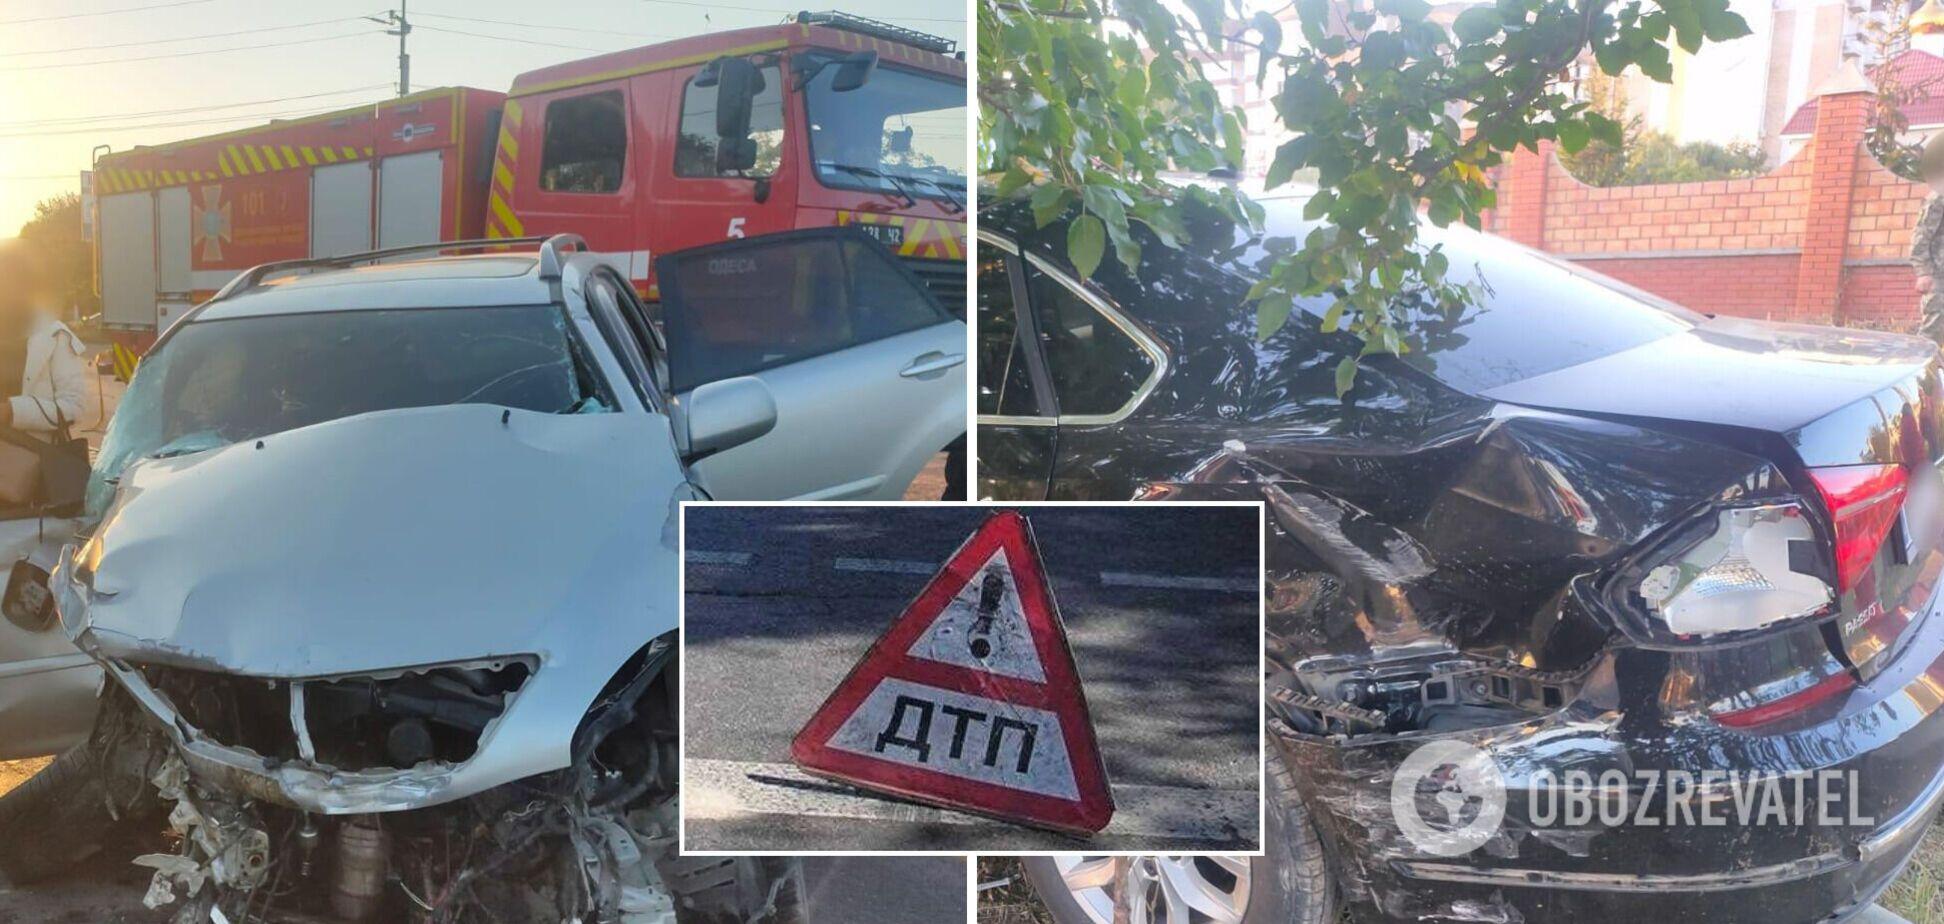 Під Одесою в ДТП потрапило авто з військовими, загинула жінка. Фото з місця аварії